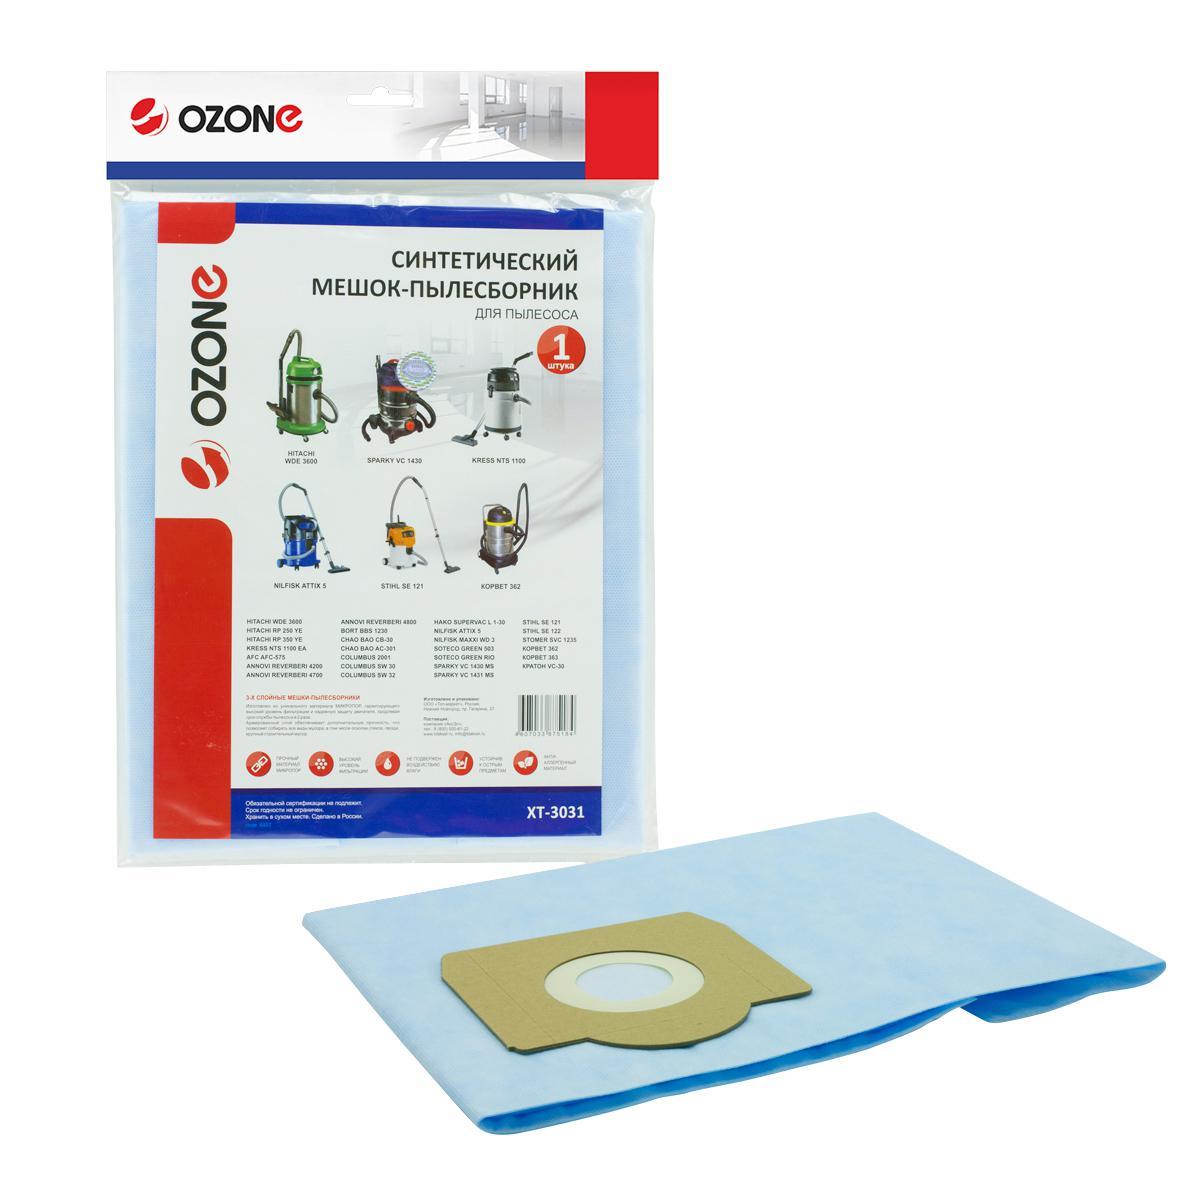 Мешок Ozone Xt-3031 1 шт./уп. мешок ozone xt 306